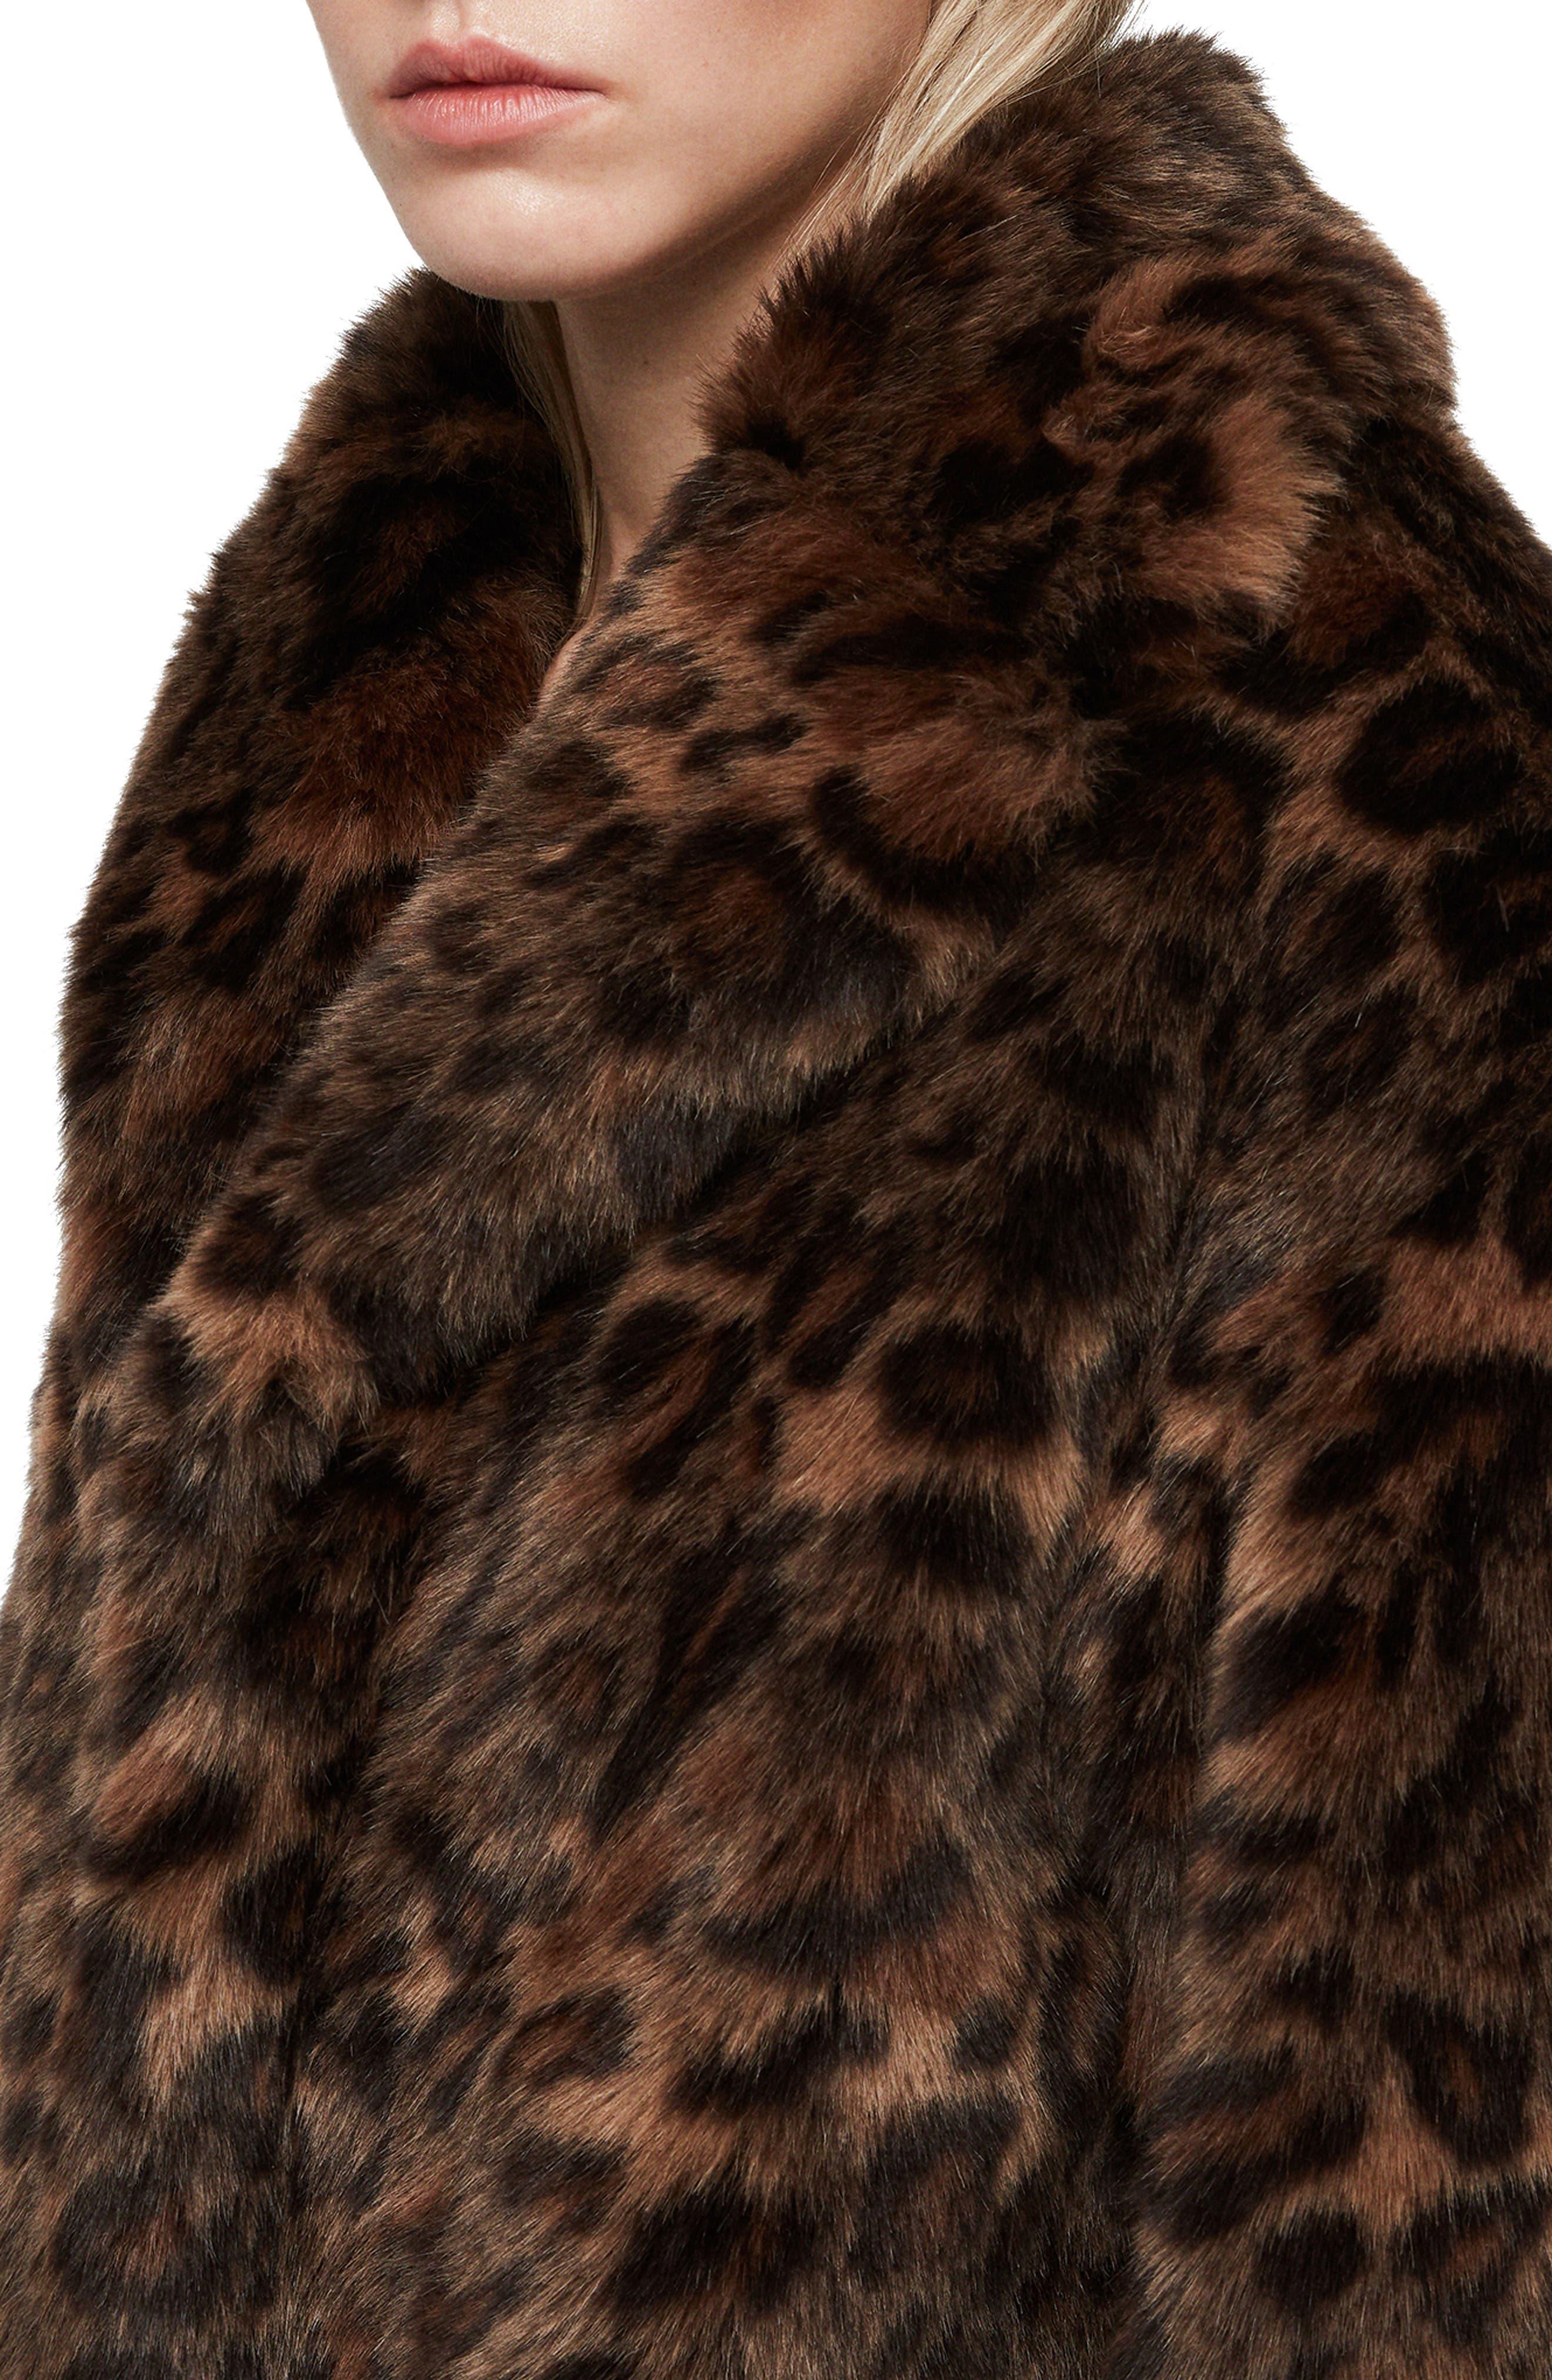 ALLSAINTS, Amice Leopard Spot Faux Fur Jacket, Alternate thumbnail 5, color, 200